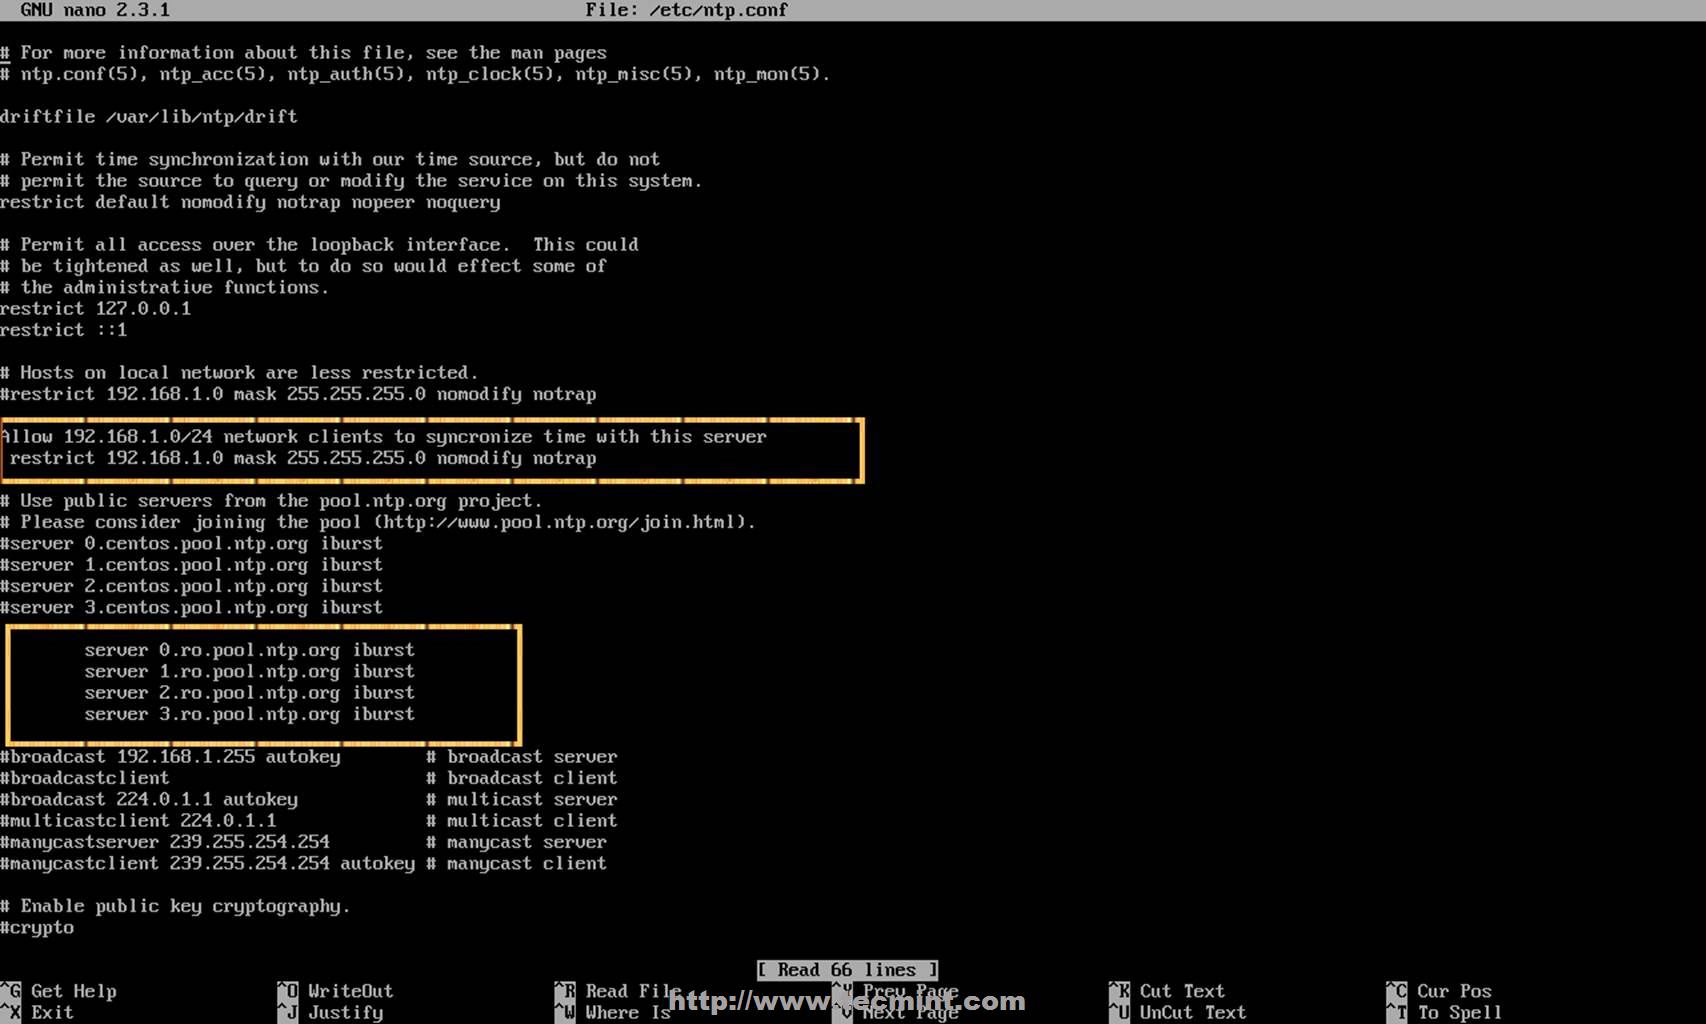 CentOS 中 NTP 服务器的配置